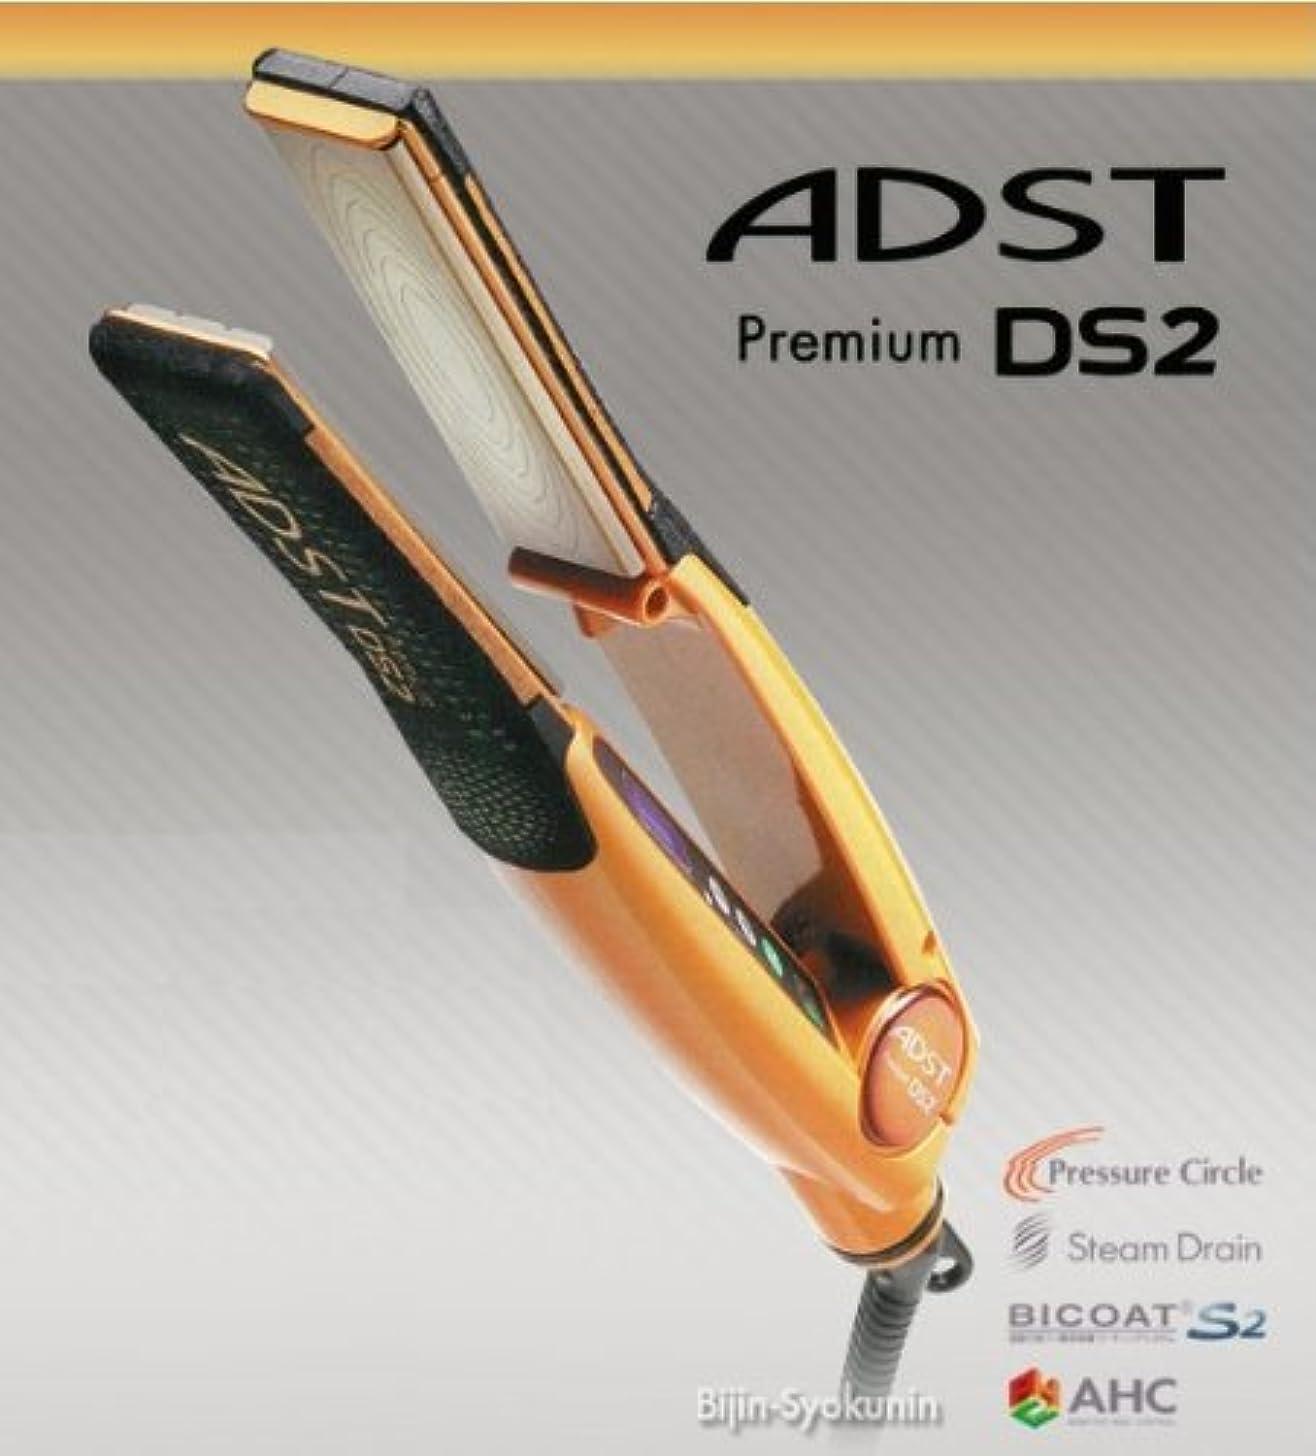 スナックはっきりしない作るADST Premium DS2 アドスト プレミアム DS2 ストレートアイロン